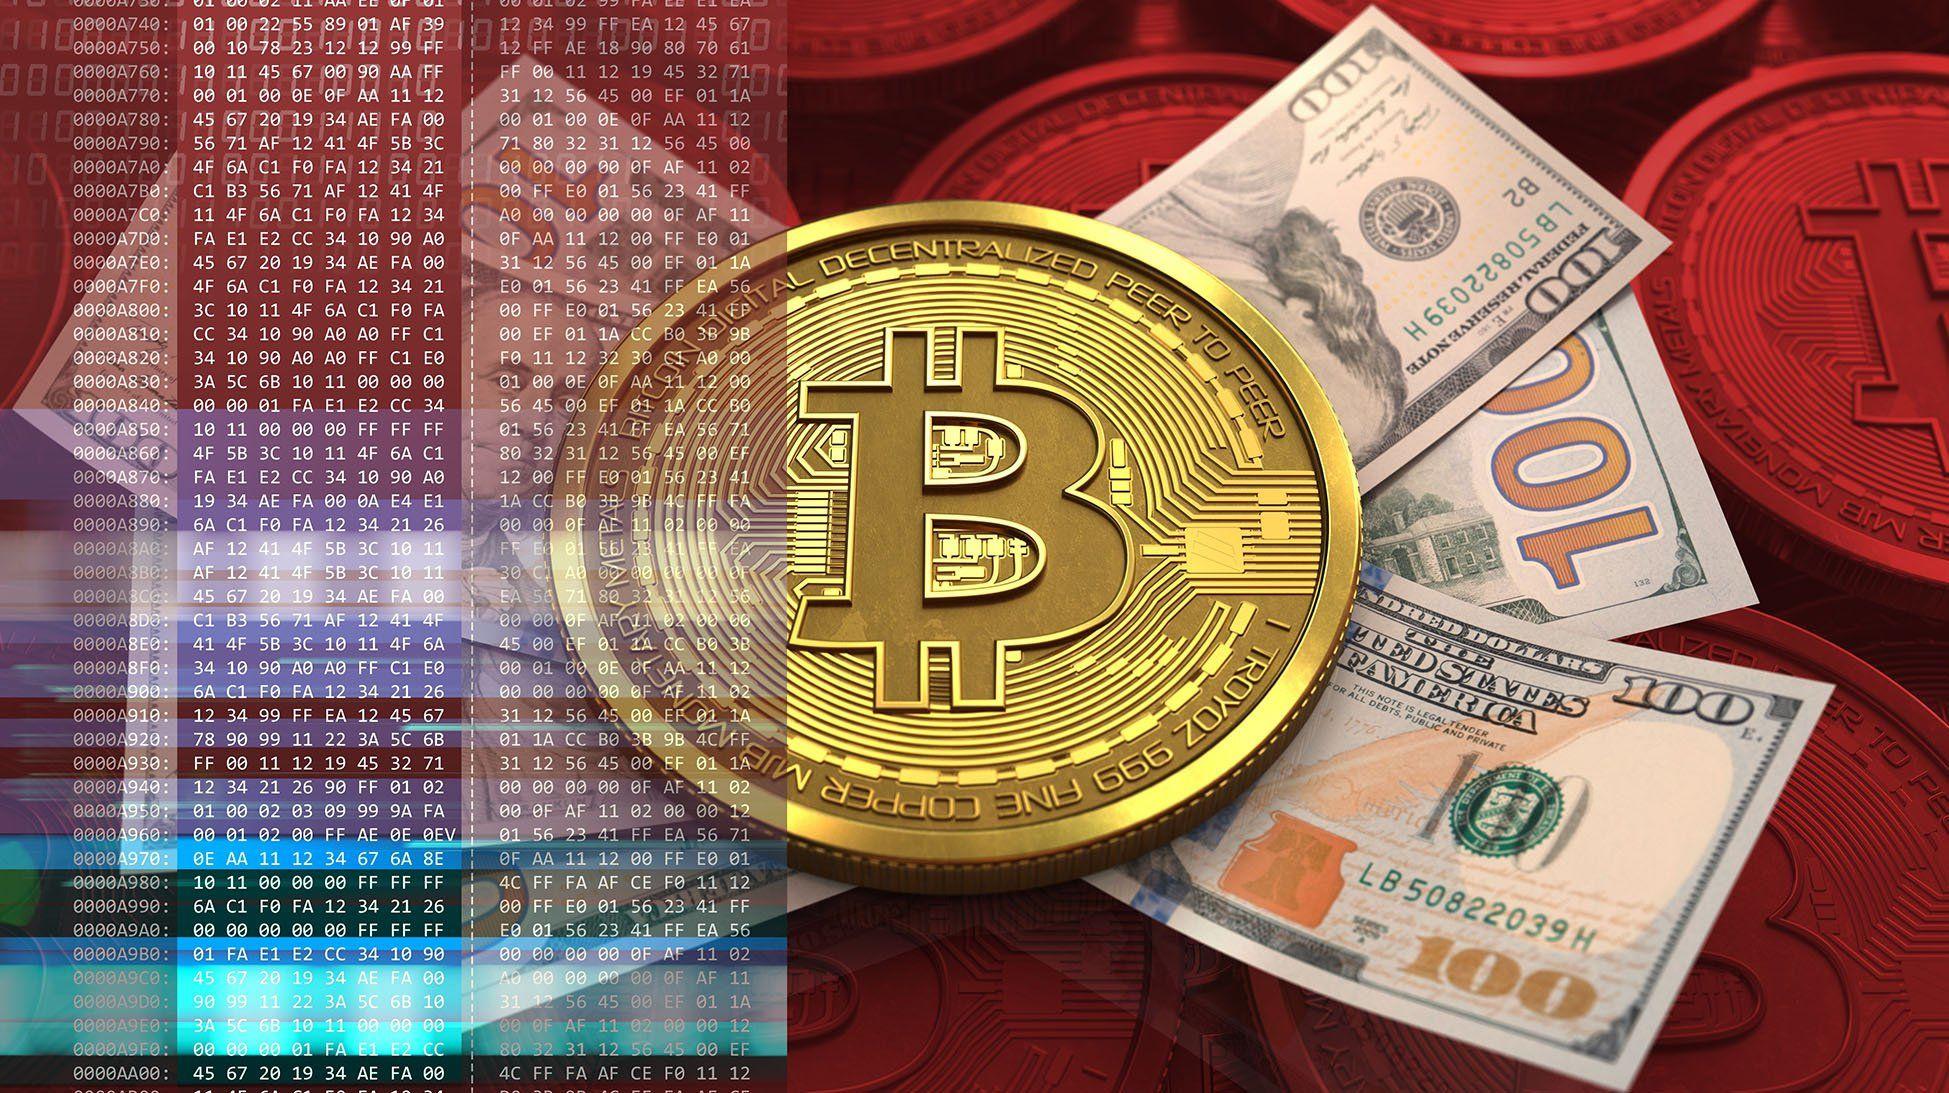 e7f082816fa31a24875706aae8c4d467 - This Is Bitcoin's Next Big Price Catalyst